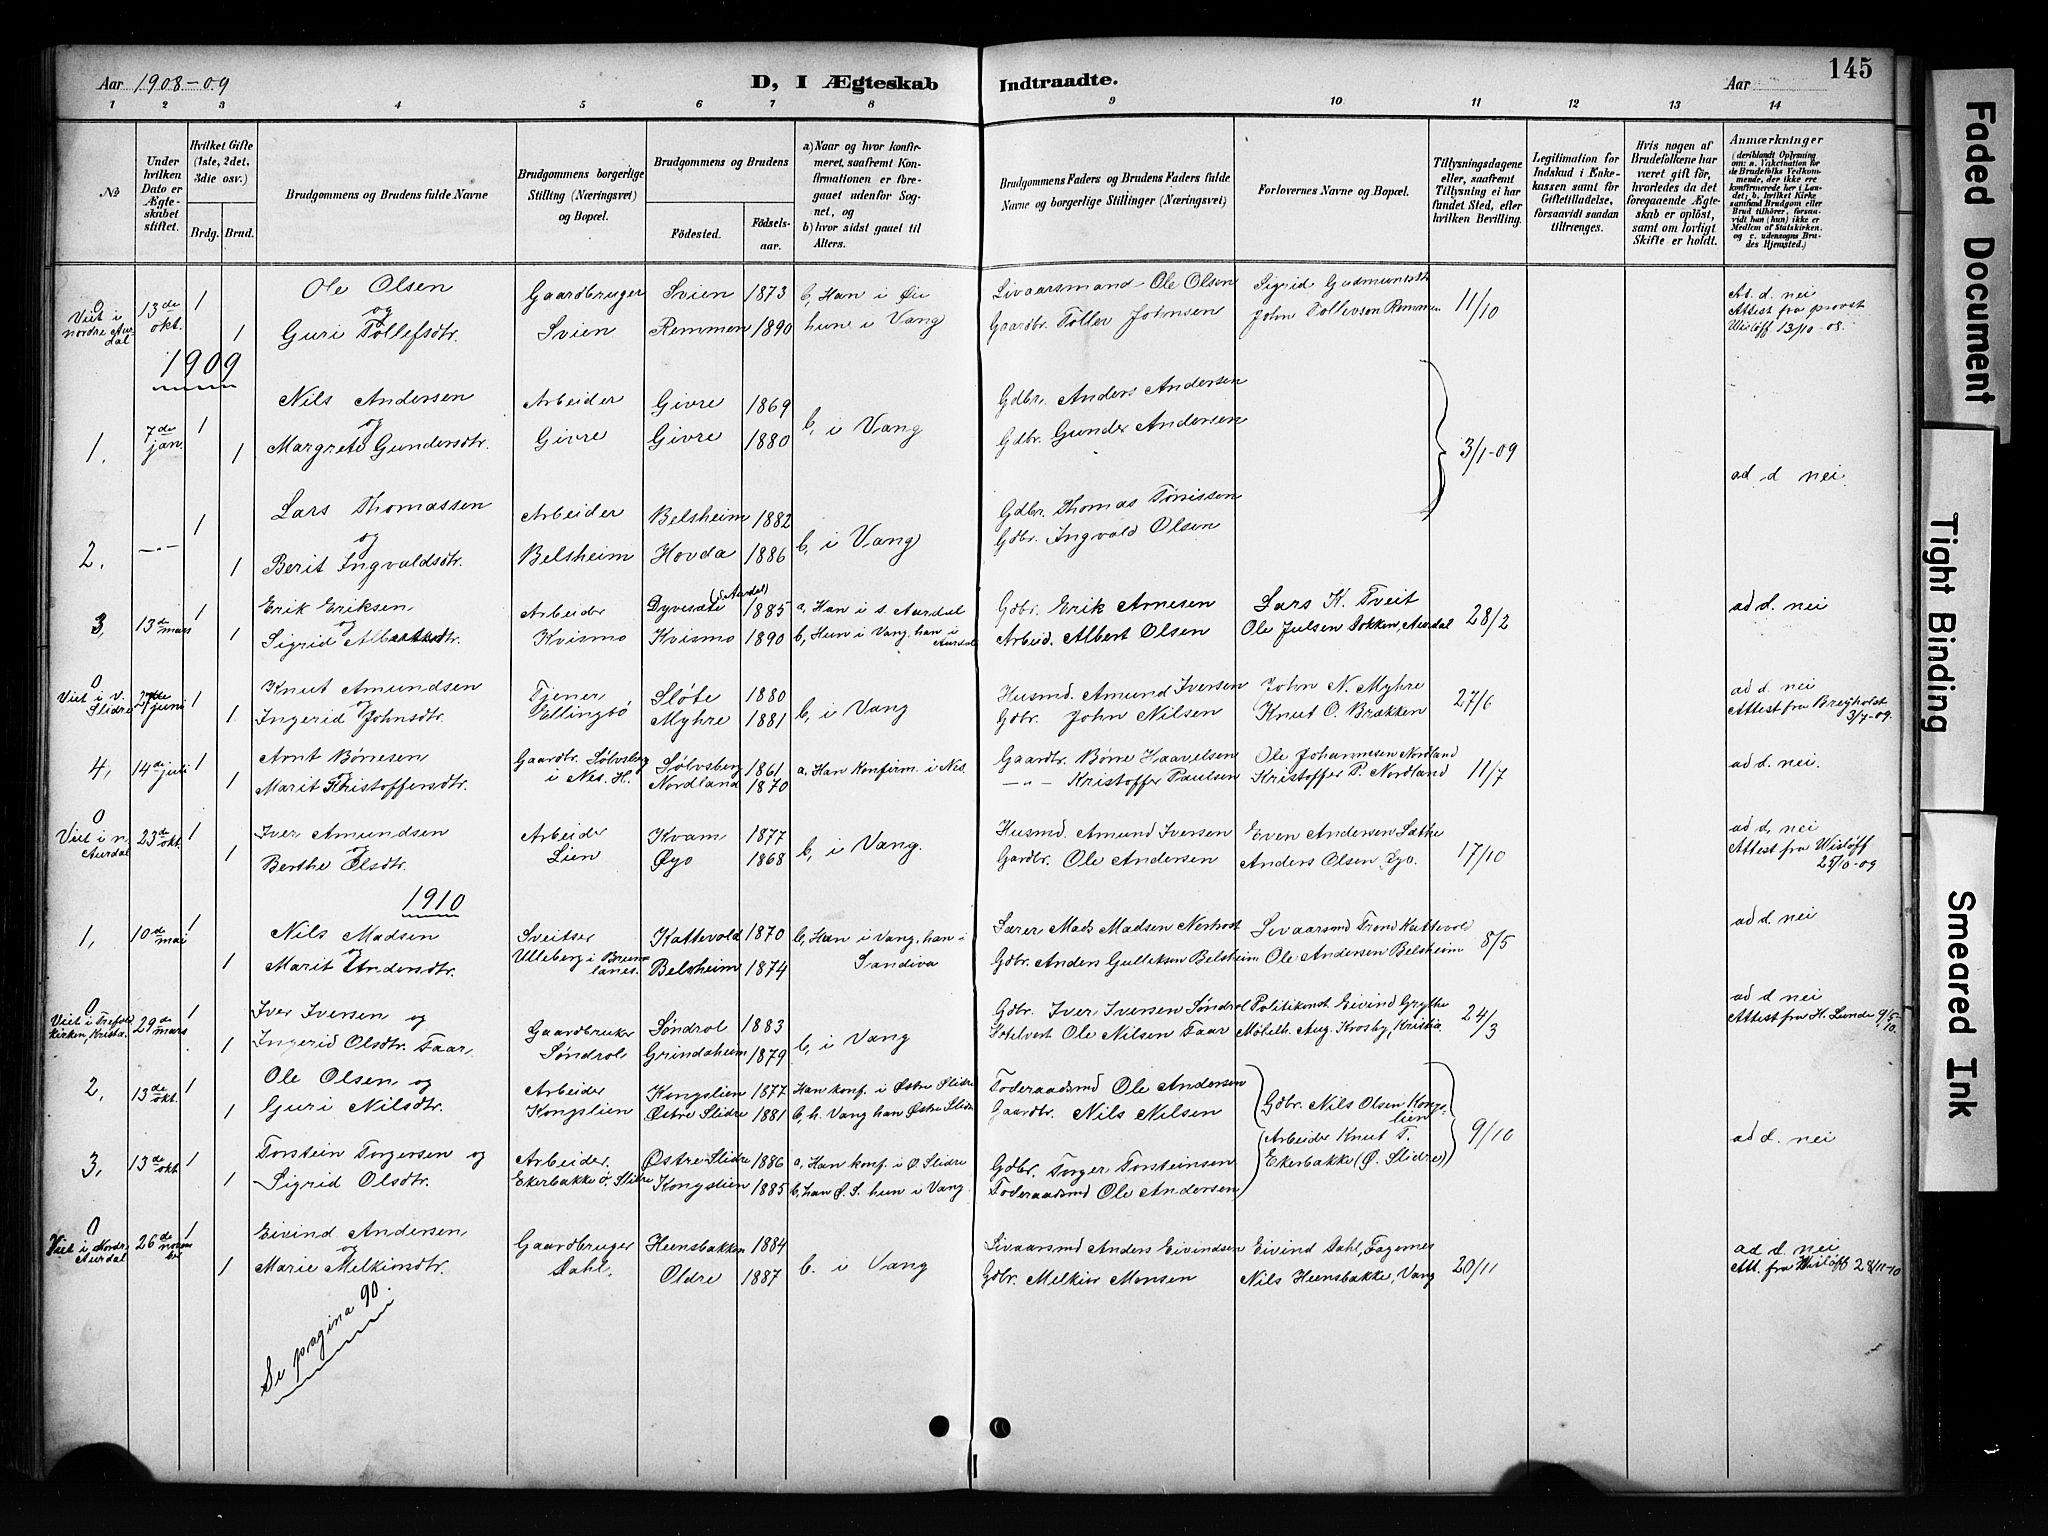 SAH, Vang prestekontor, Valdres, Klokkerbok nr. 6, 1893-1918, s. 145